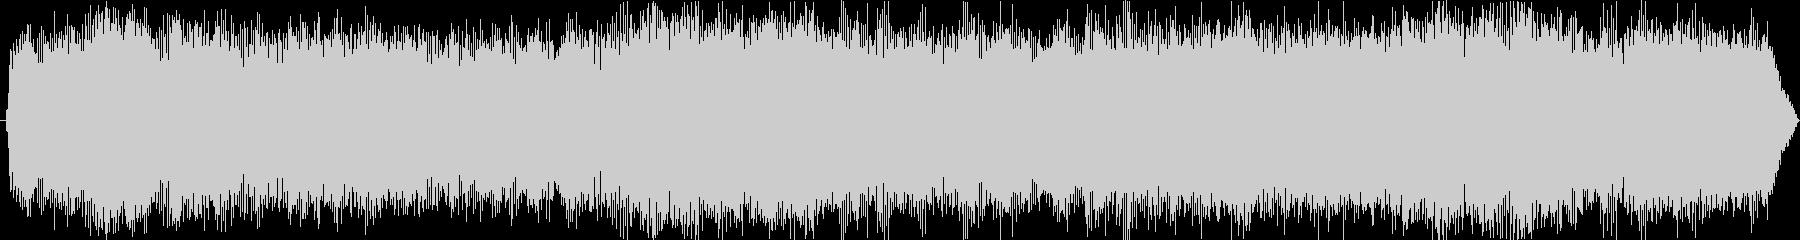 PADS チルエア01の未再生の波形